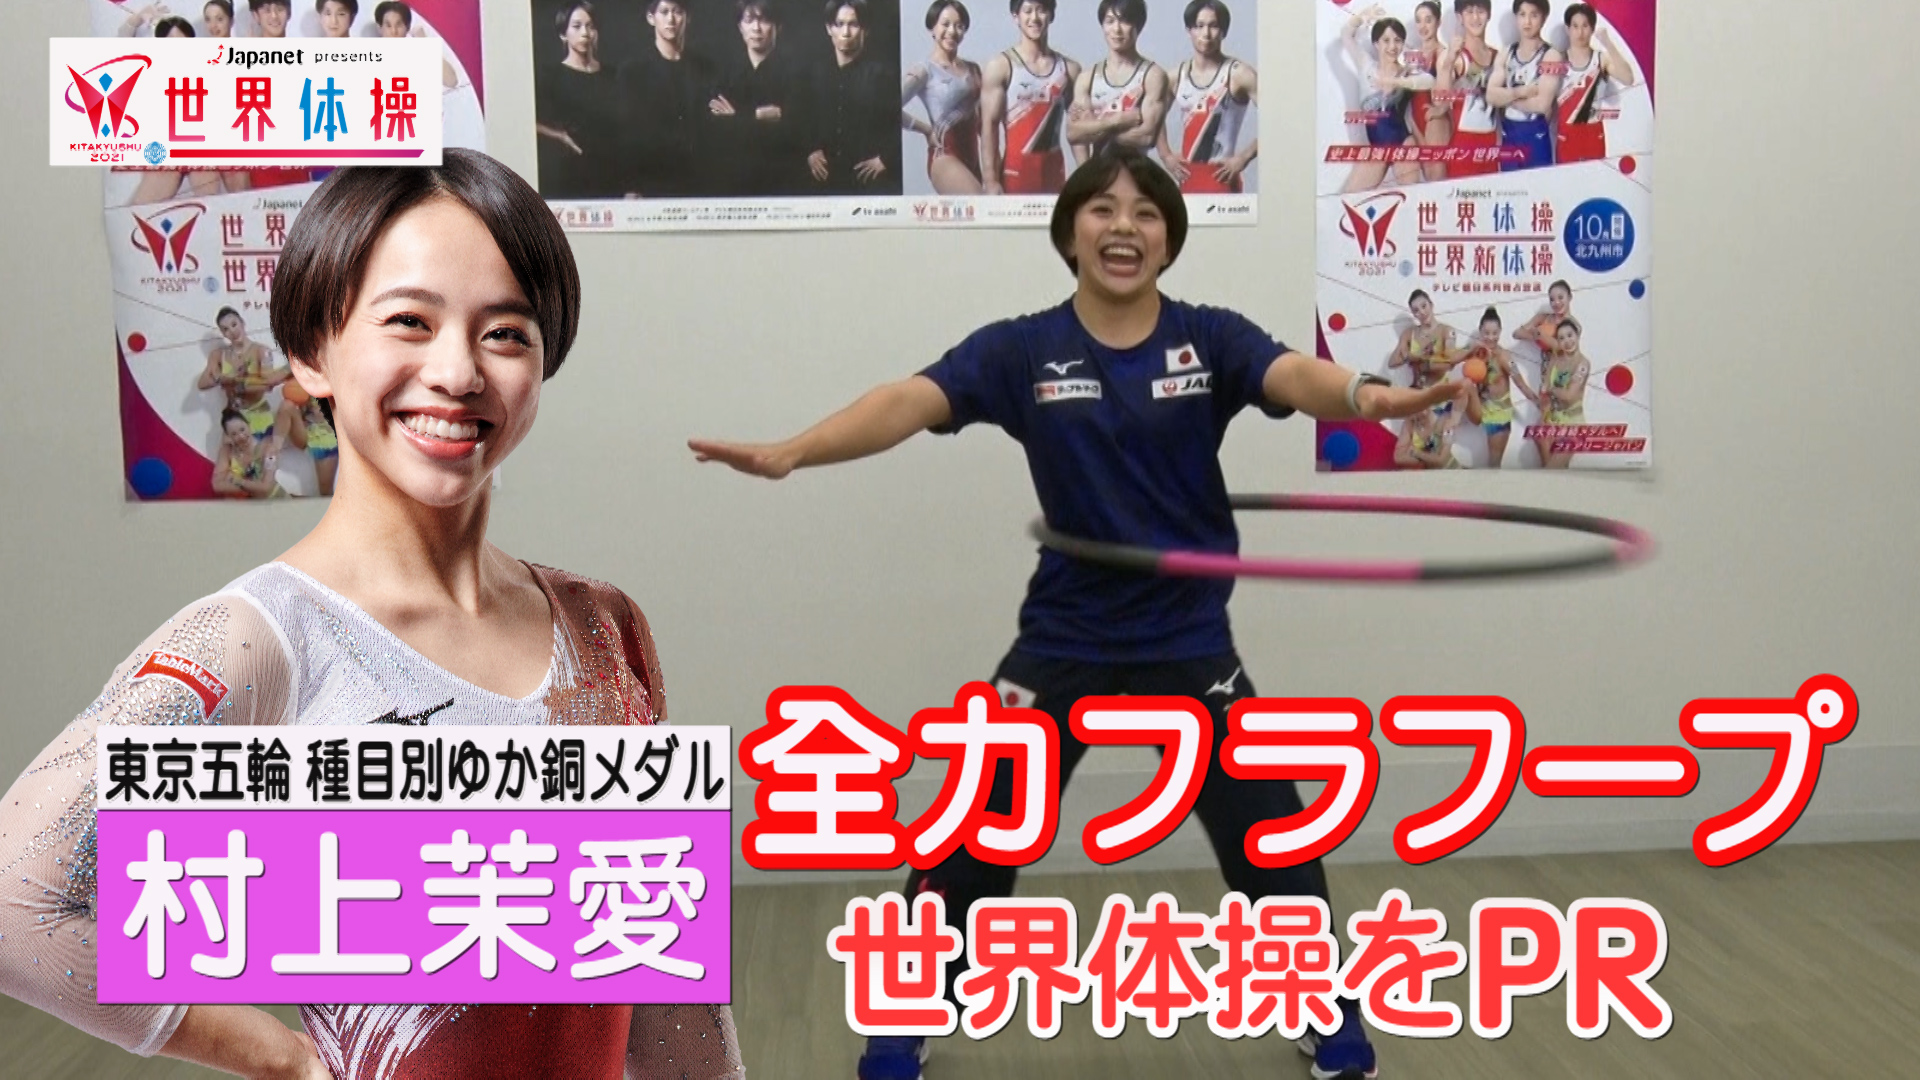 村上茉愛 フラフープを回しながら世界体操の注目ポイントを全力PR!